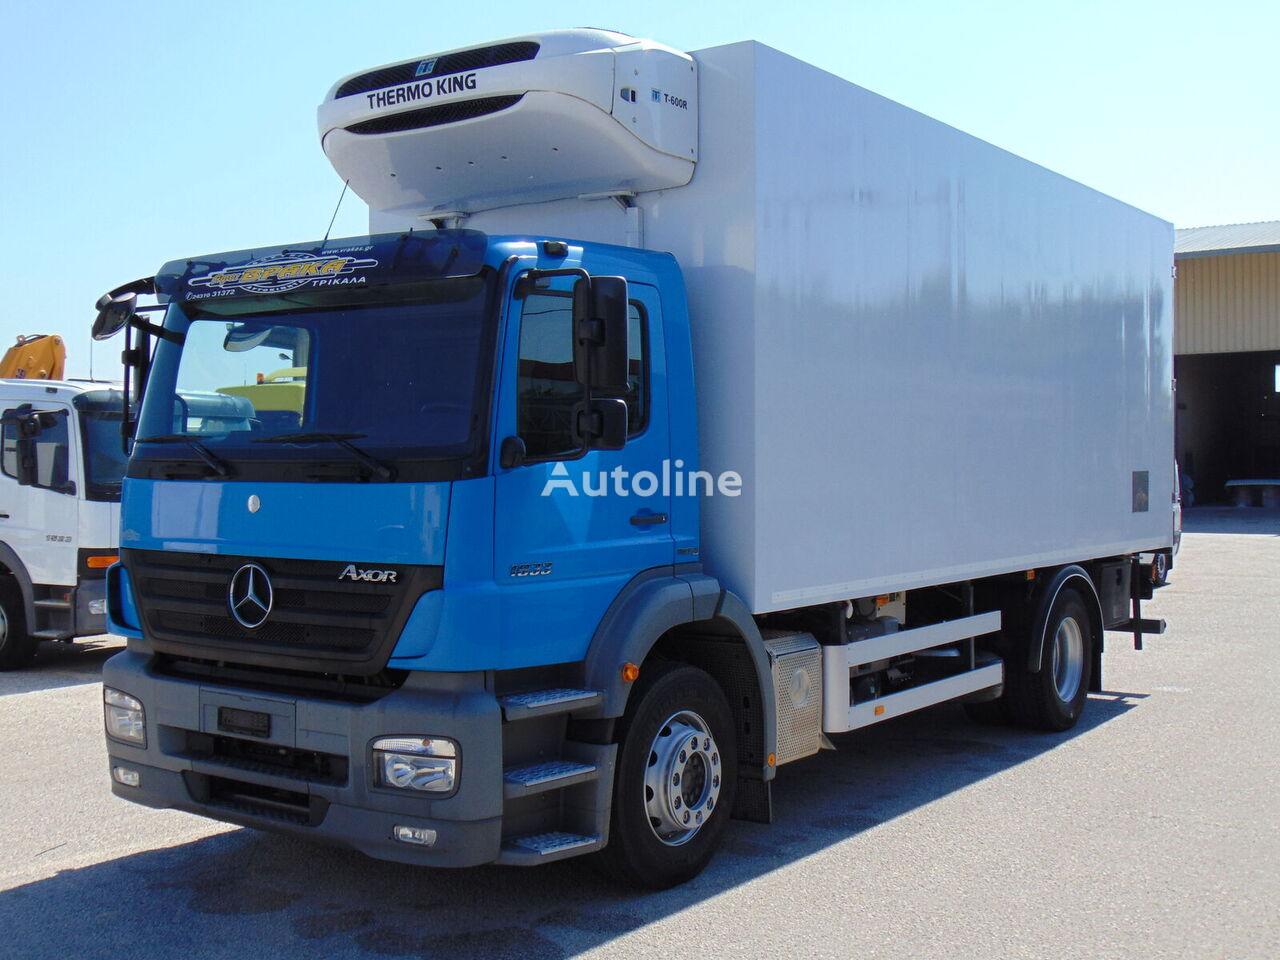 MERCEDES-BENZ 1833 4x2 AXOR /EURO 5 kamion hladnjača